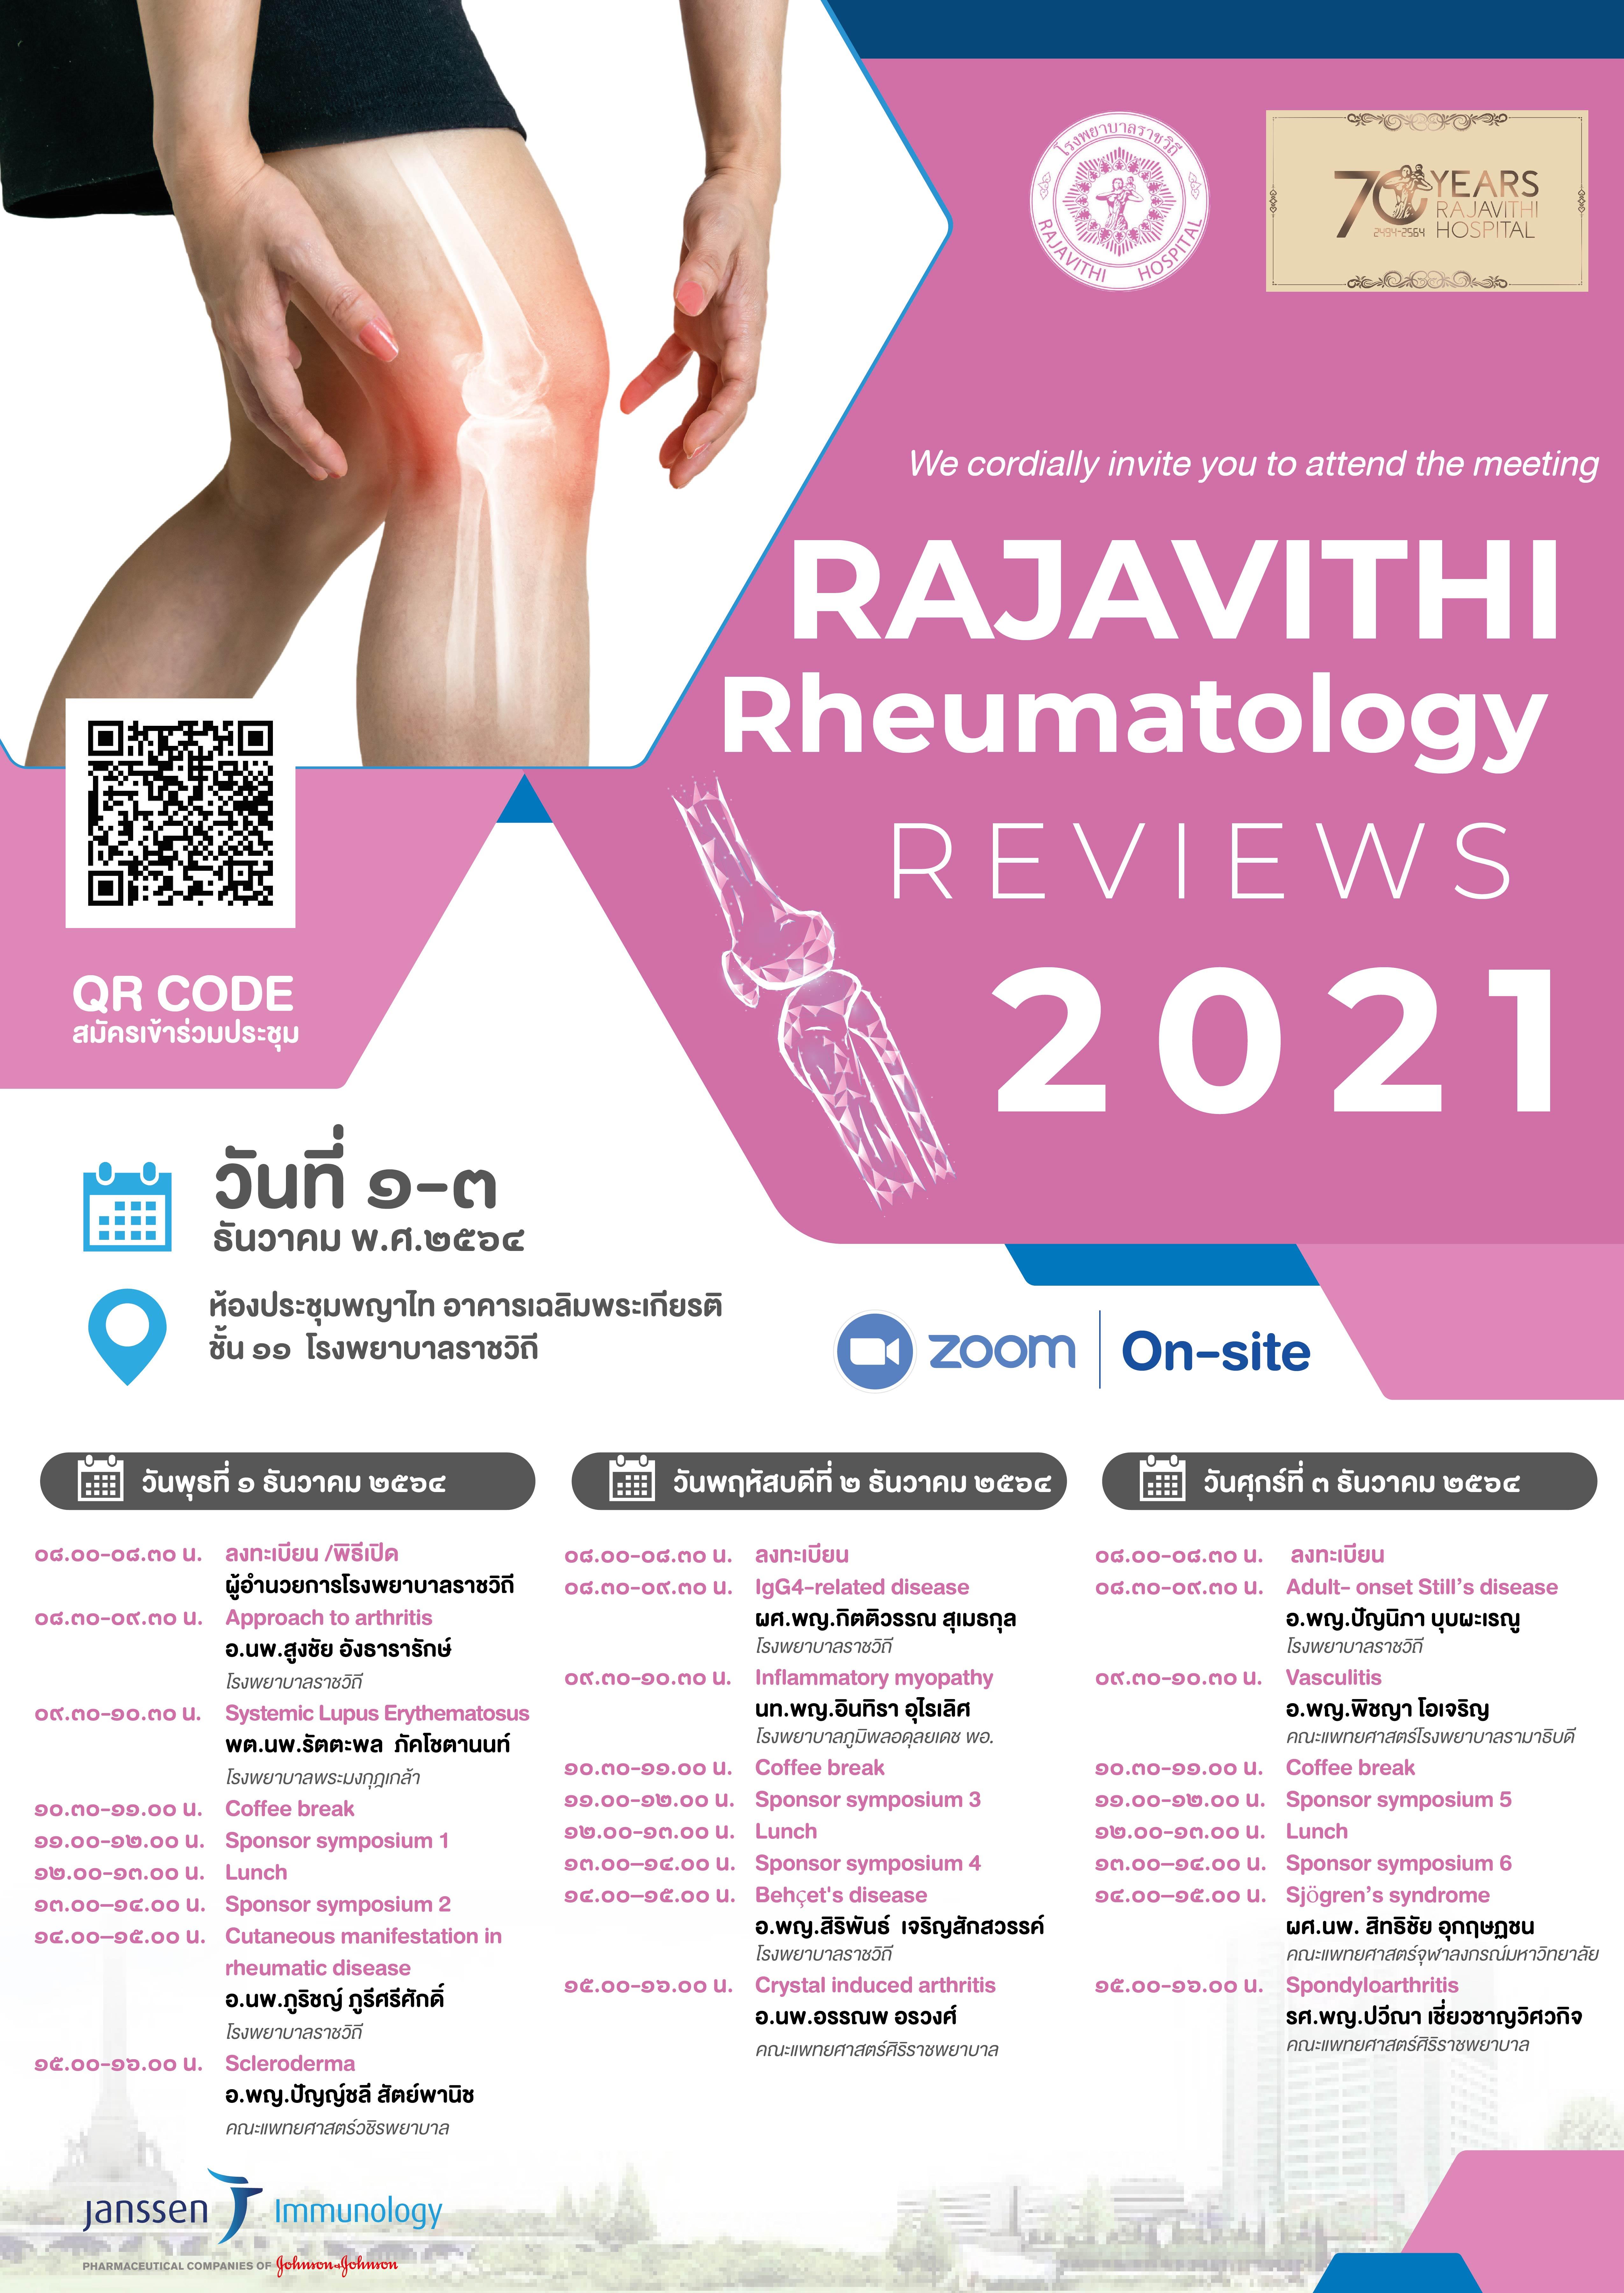 janssen_rajavithi-rheumatology-reviews_5